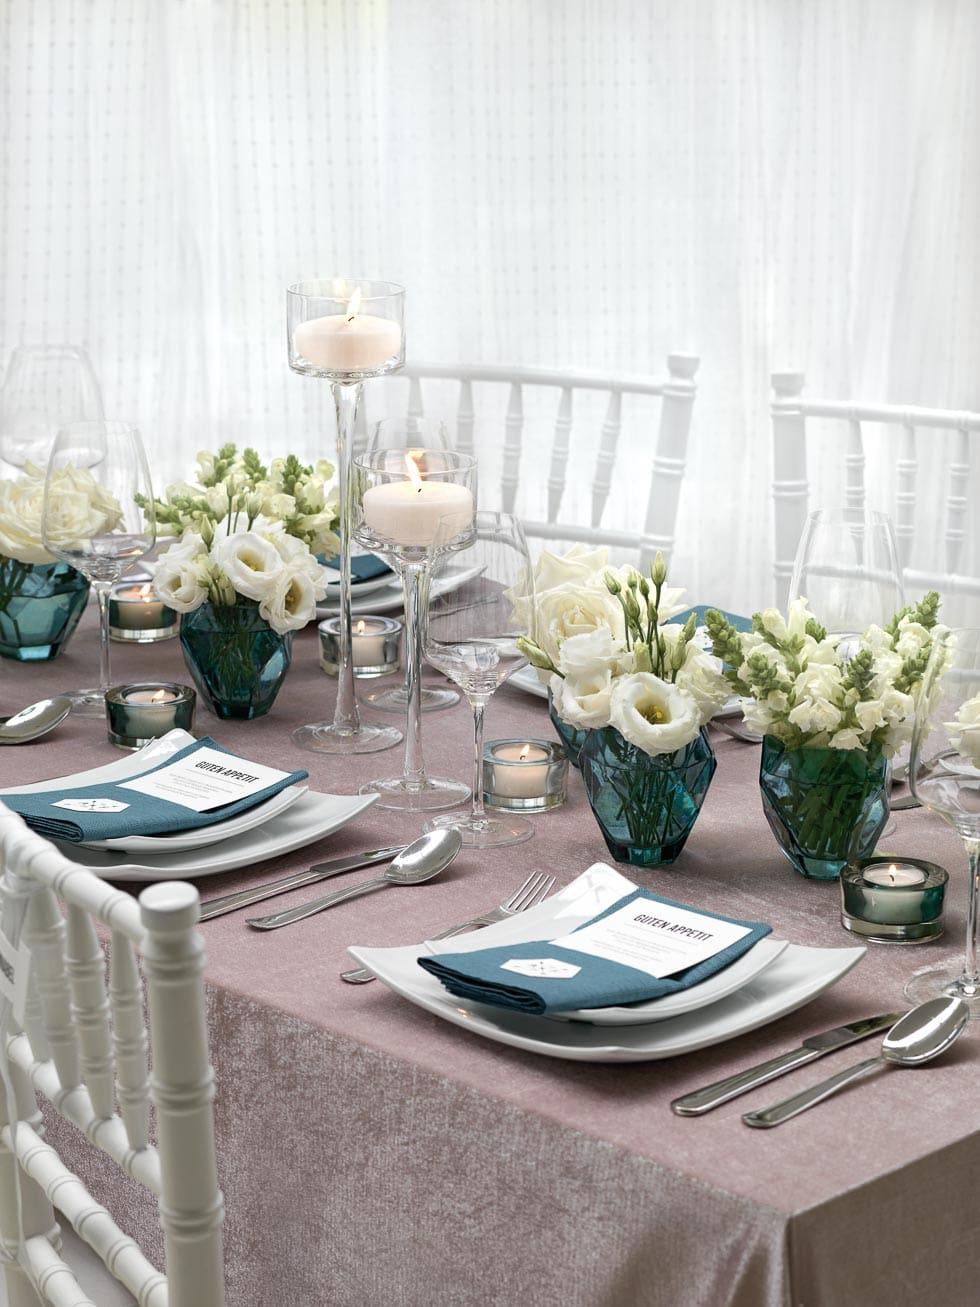 Tischdekoration mit trkisfarbenen Vasen